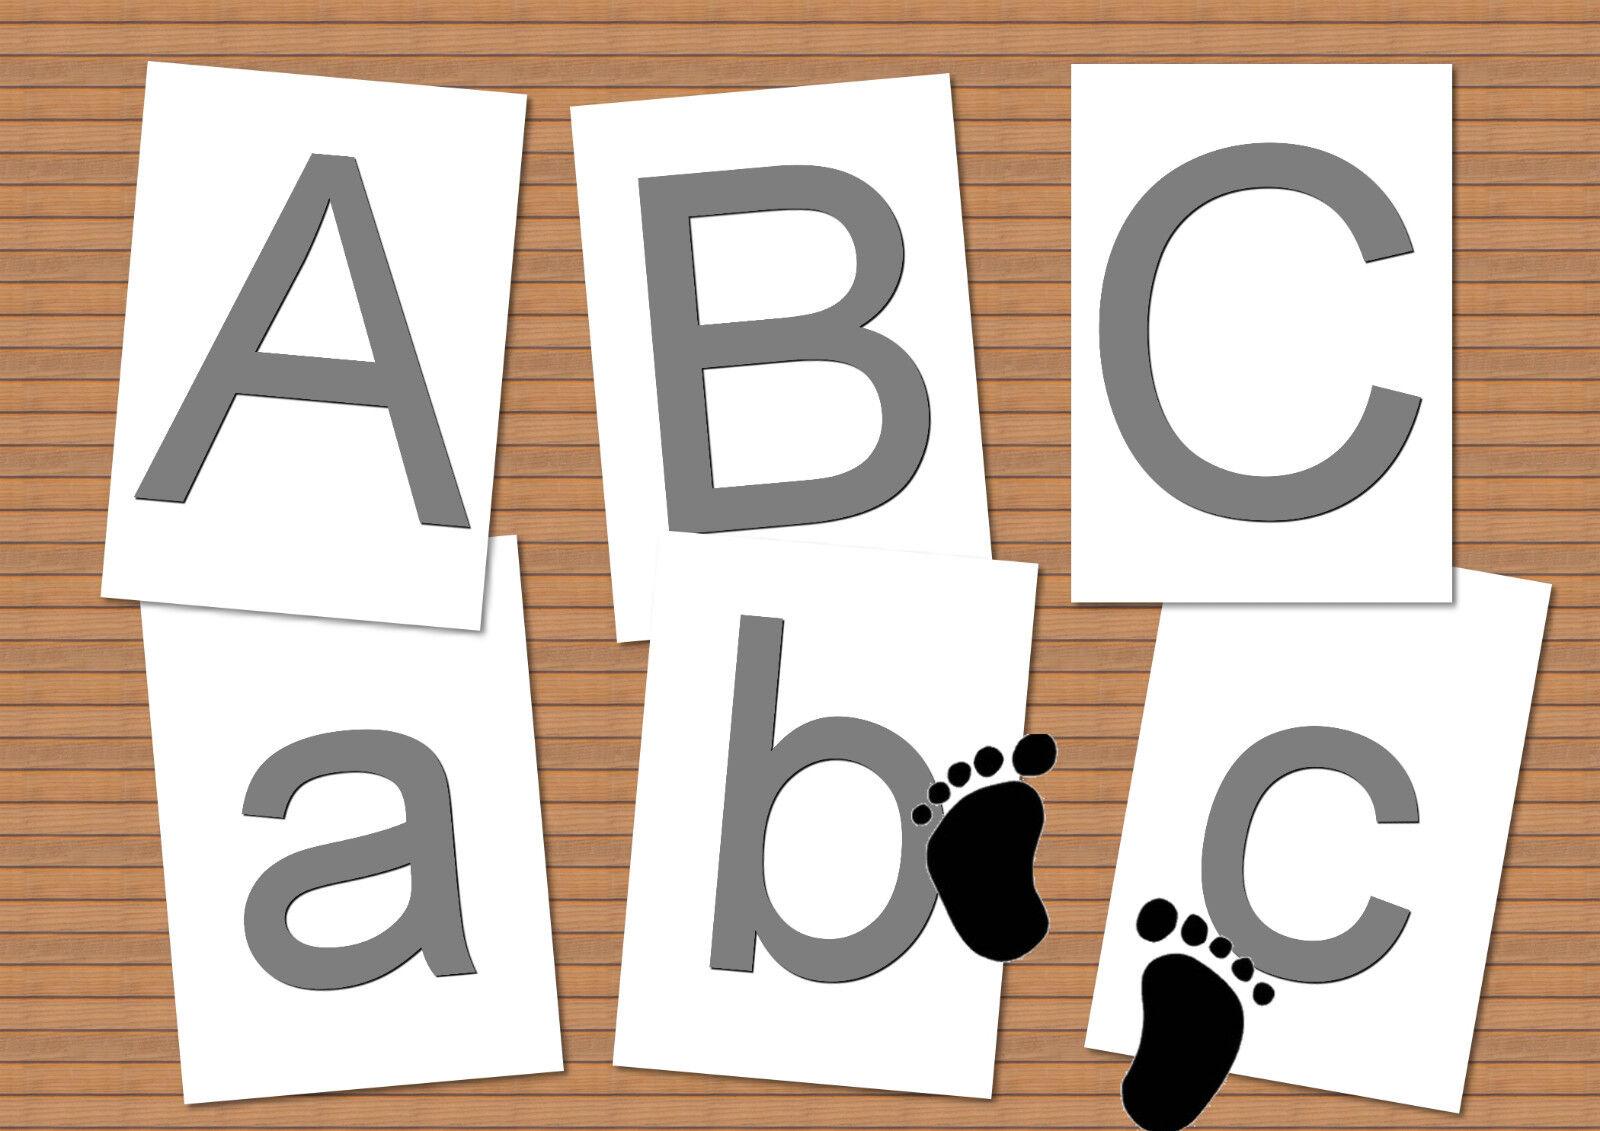 Buchstaben Karten ABC Schreiben Schreiben Schreiben Lesen Lernen Gruppenarbeit Kinder Erwachsene A4 8ab57b